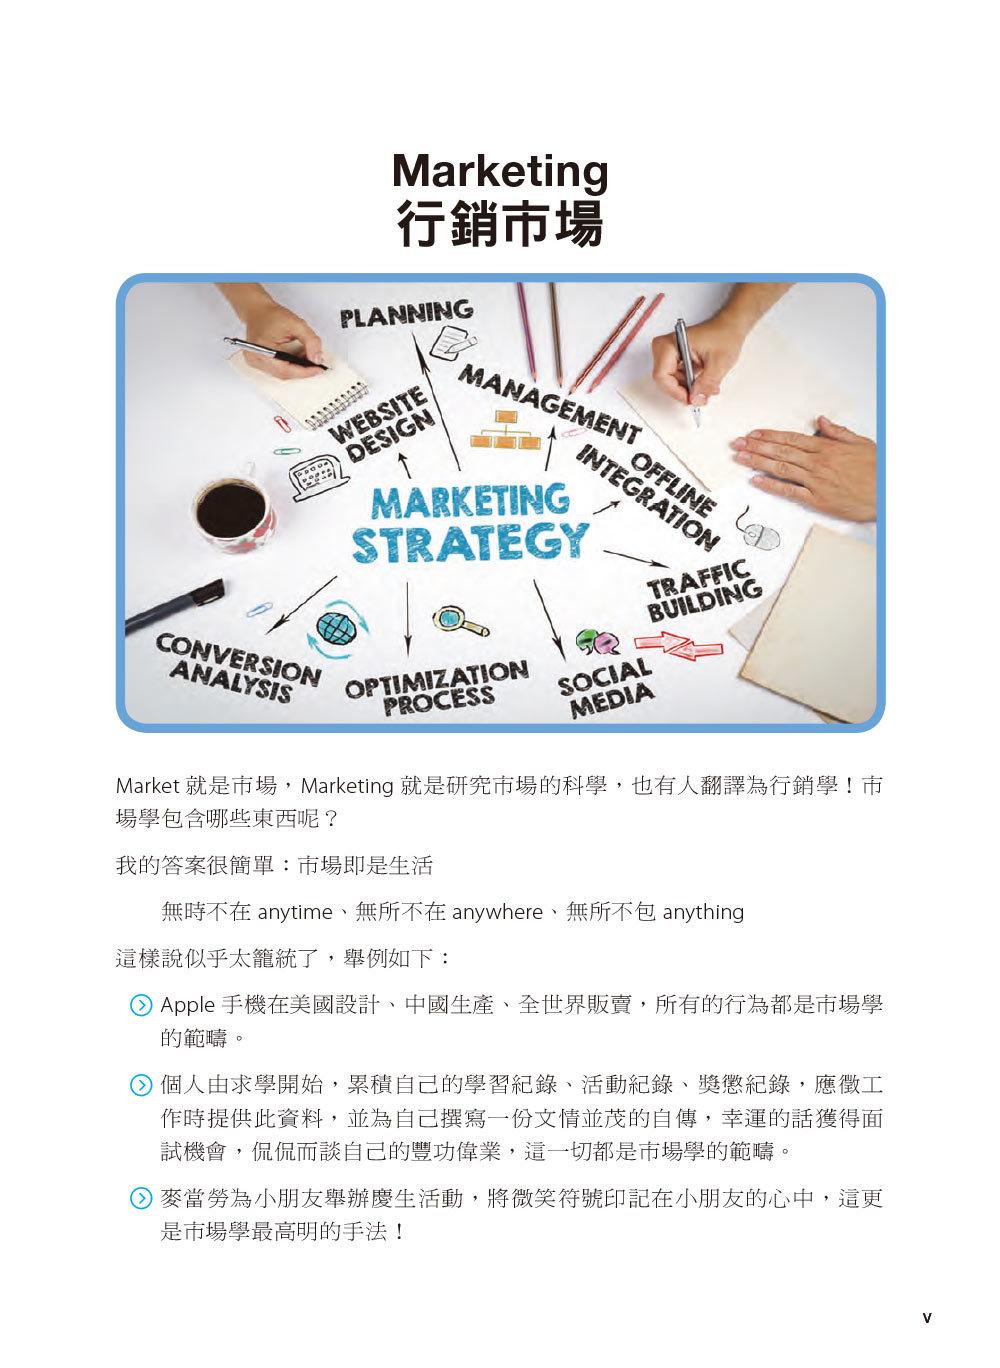 市場行銷實務250講|市場行銷基礎檢定認證教材-preview-3